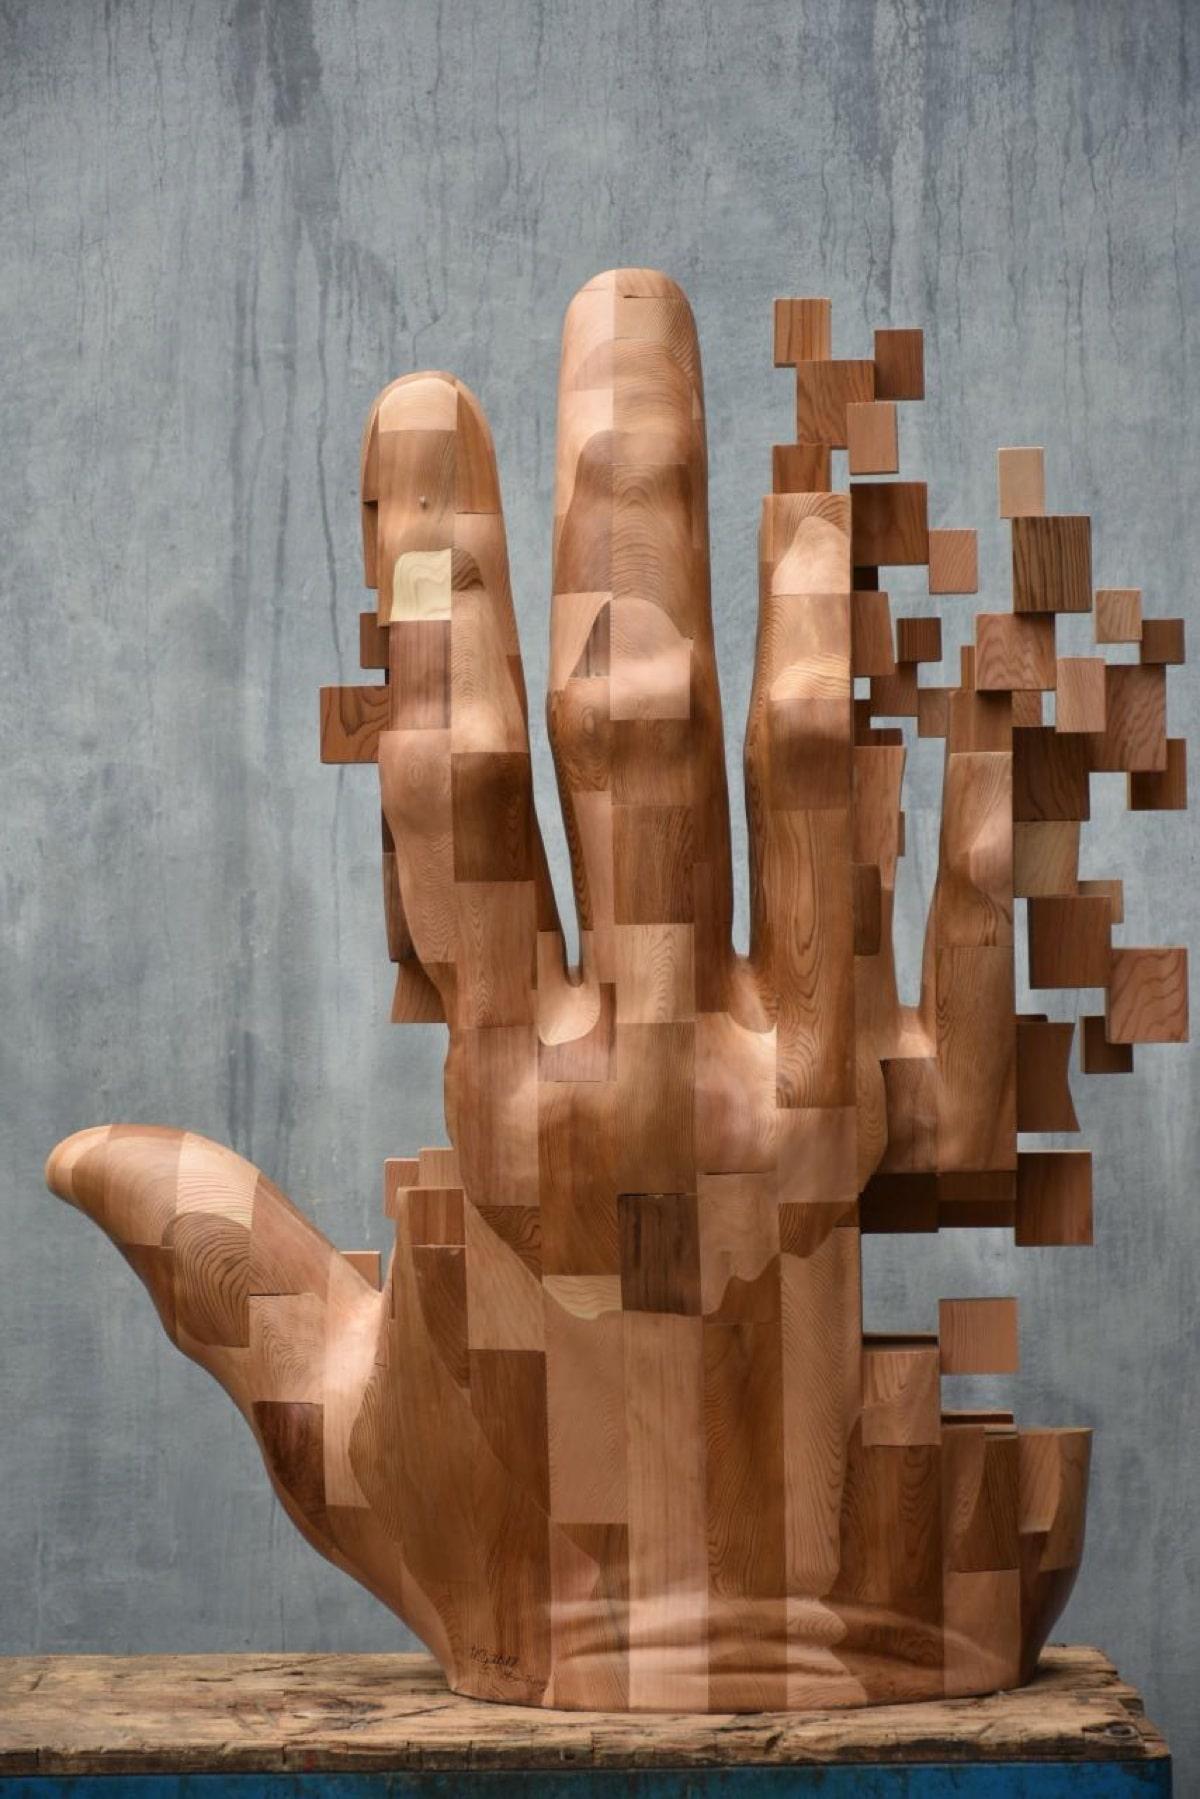 ფიქსელი, პიქსელი, სკულპტურა, ბლოგი, არტი, ხელოვნება, Qwelly, art, sculpture